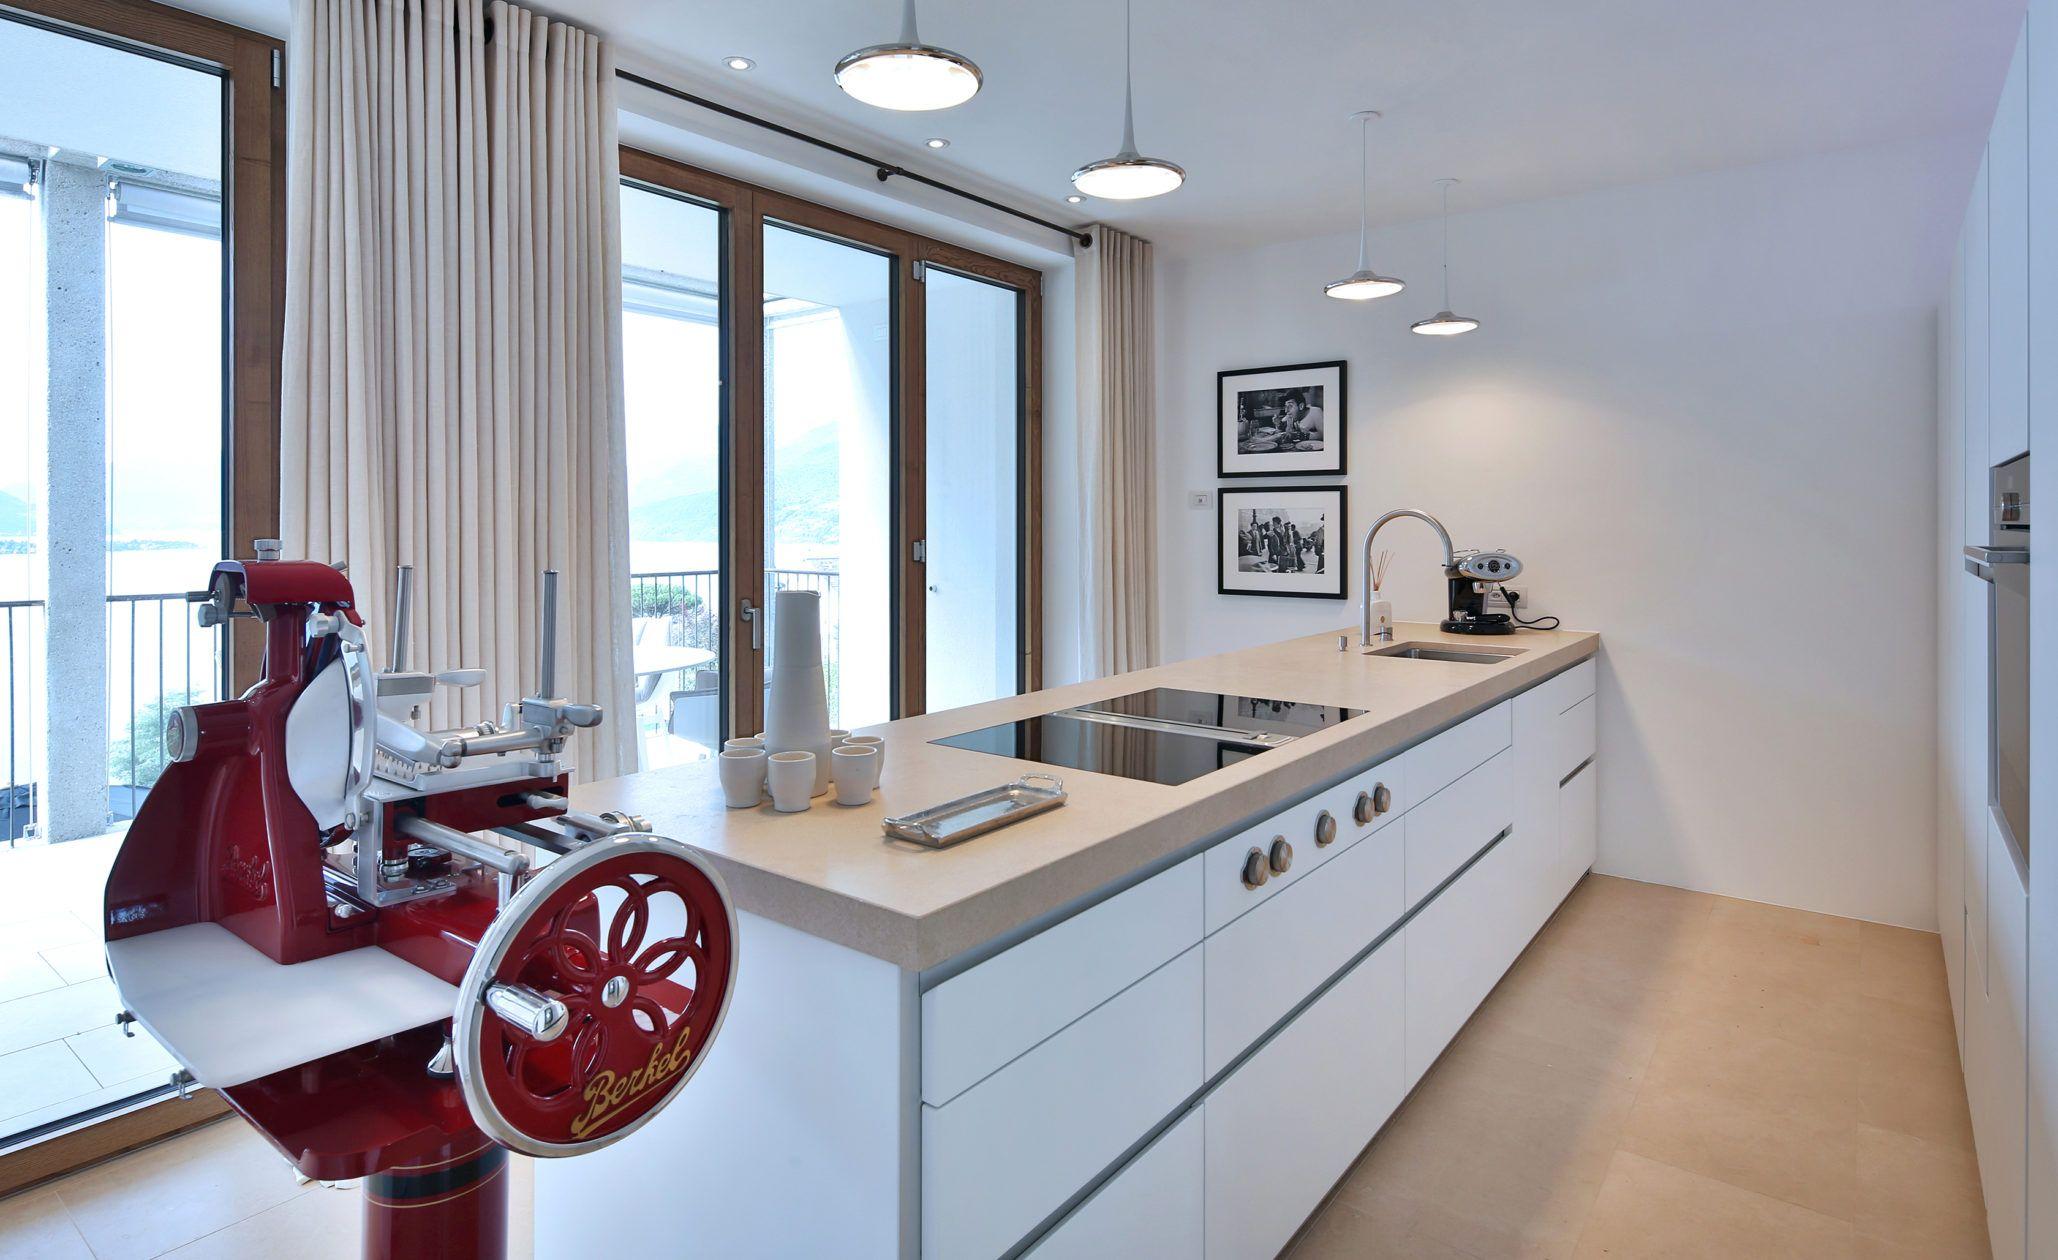 Küchenabdeckung Beton natursteinböden und küchenabdeckung in avana naturstein küchen